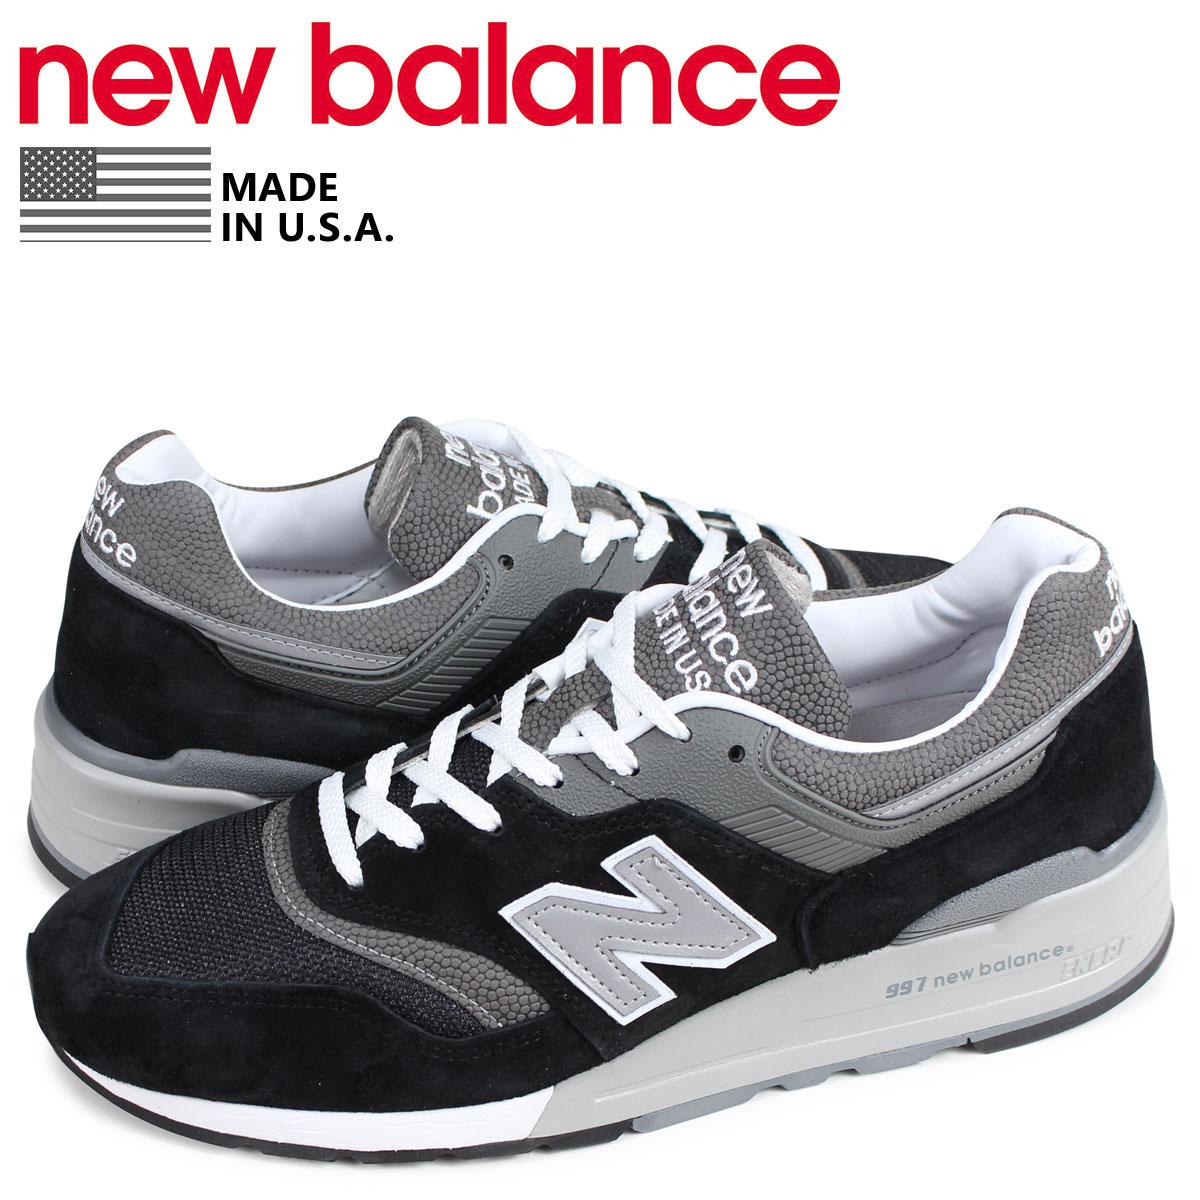 ニューバランス new balance 997 スニーカー メンズ Dワイズ MADE IN USA ブラック 黒 M997BK